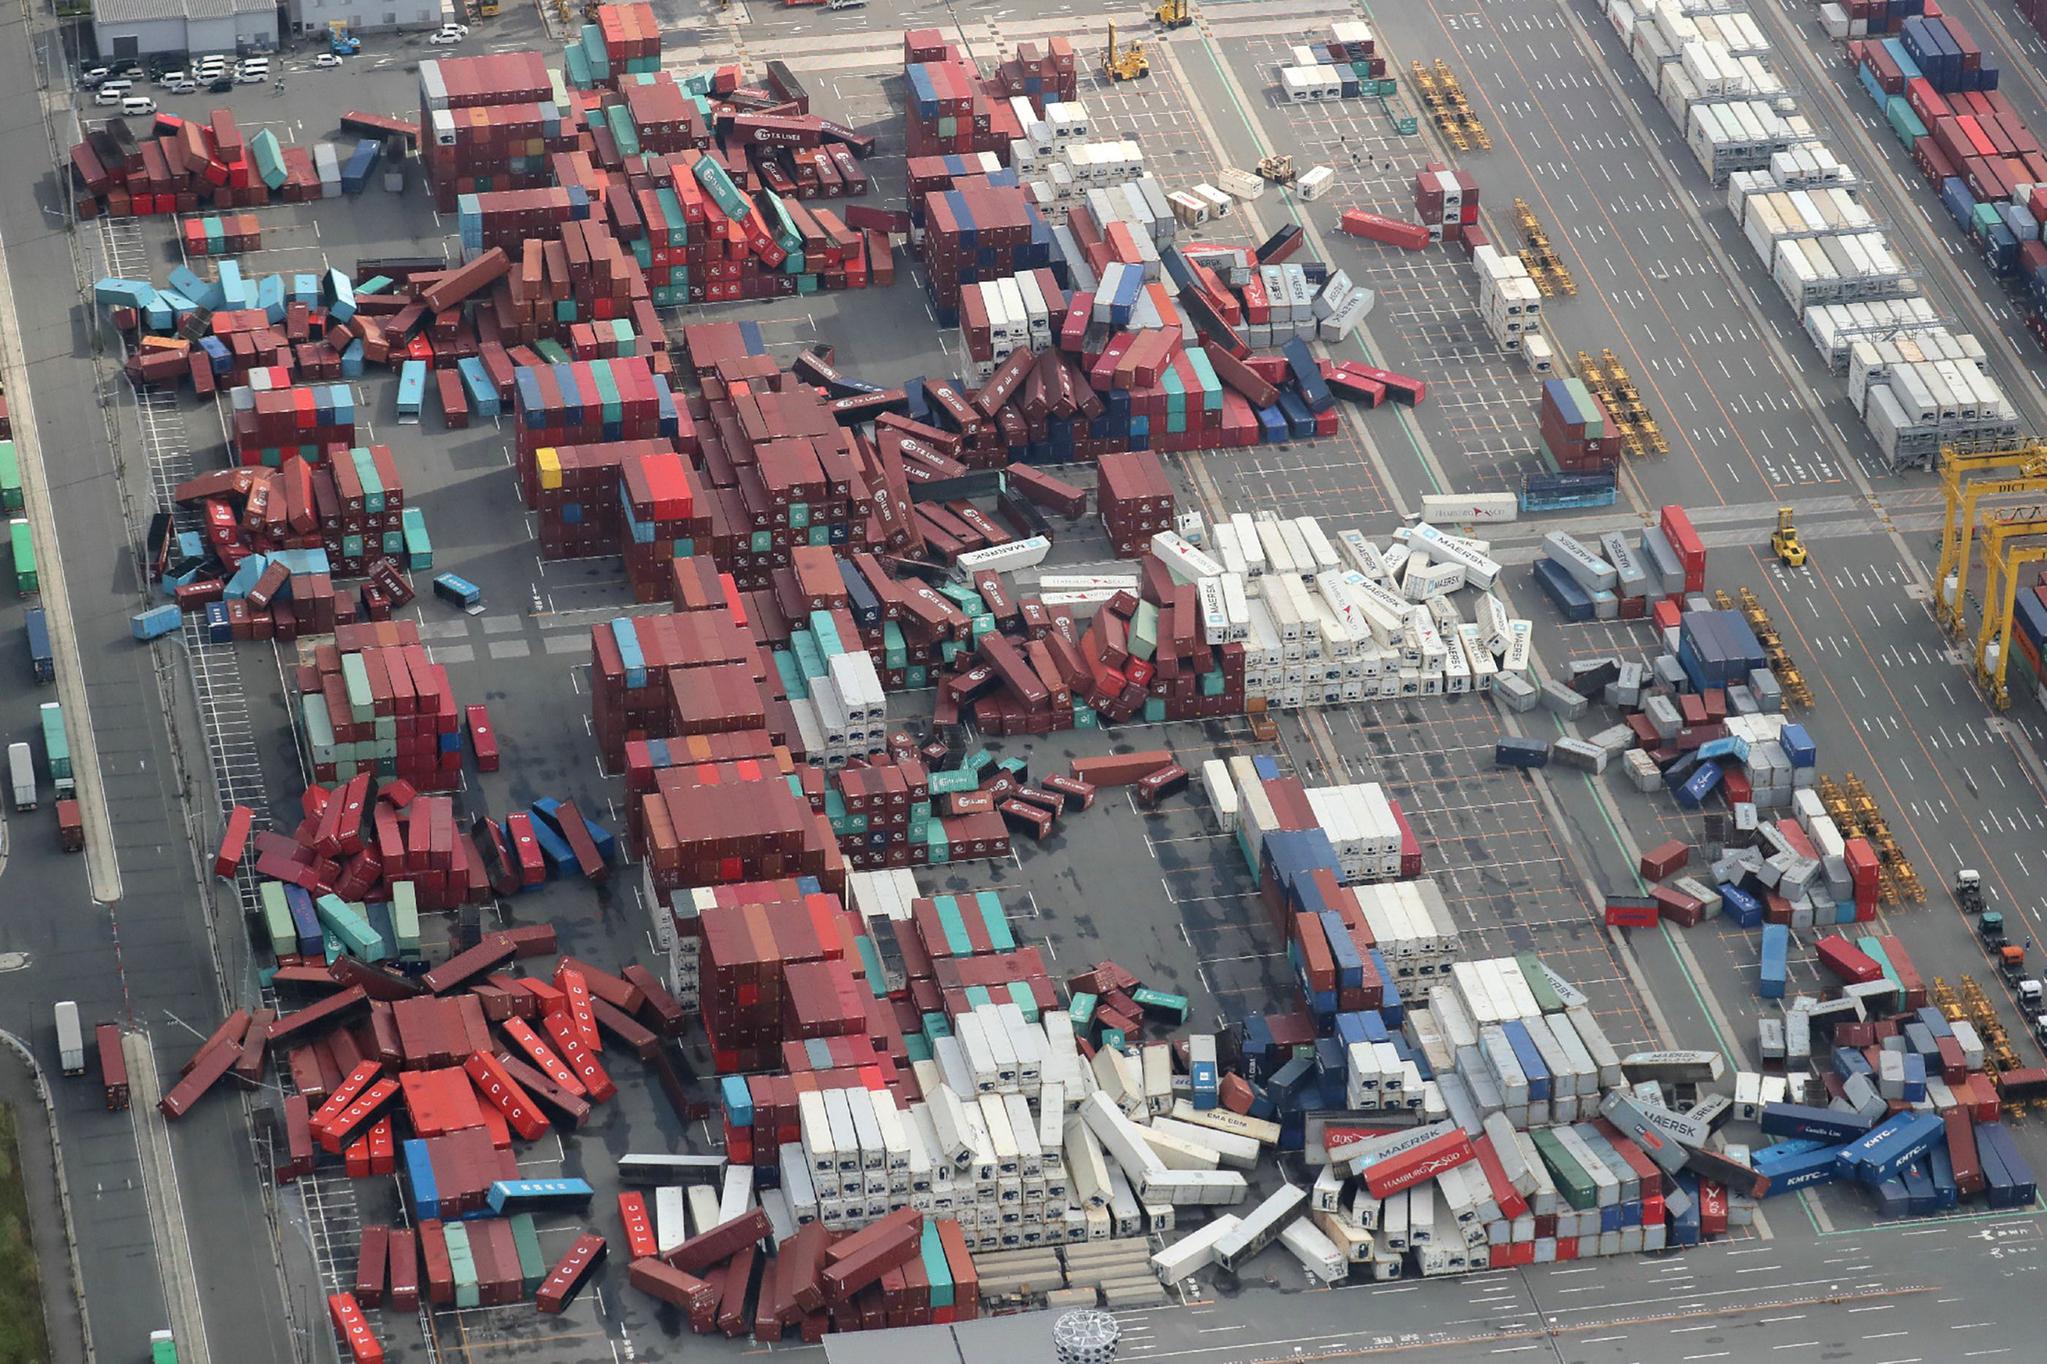 오사카 컨테이너 야적장에 쌓아 둔 컨테이너들이 강풍에 무너져 내렸다.[AFP=연합뉴스]